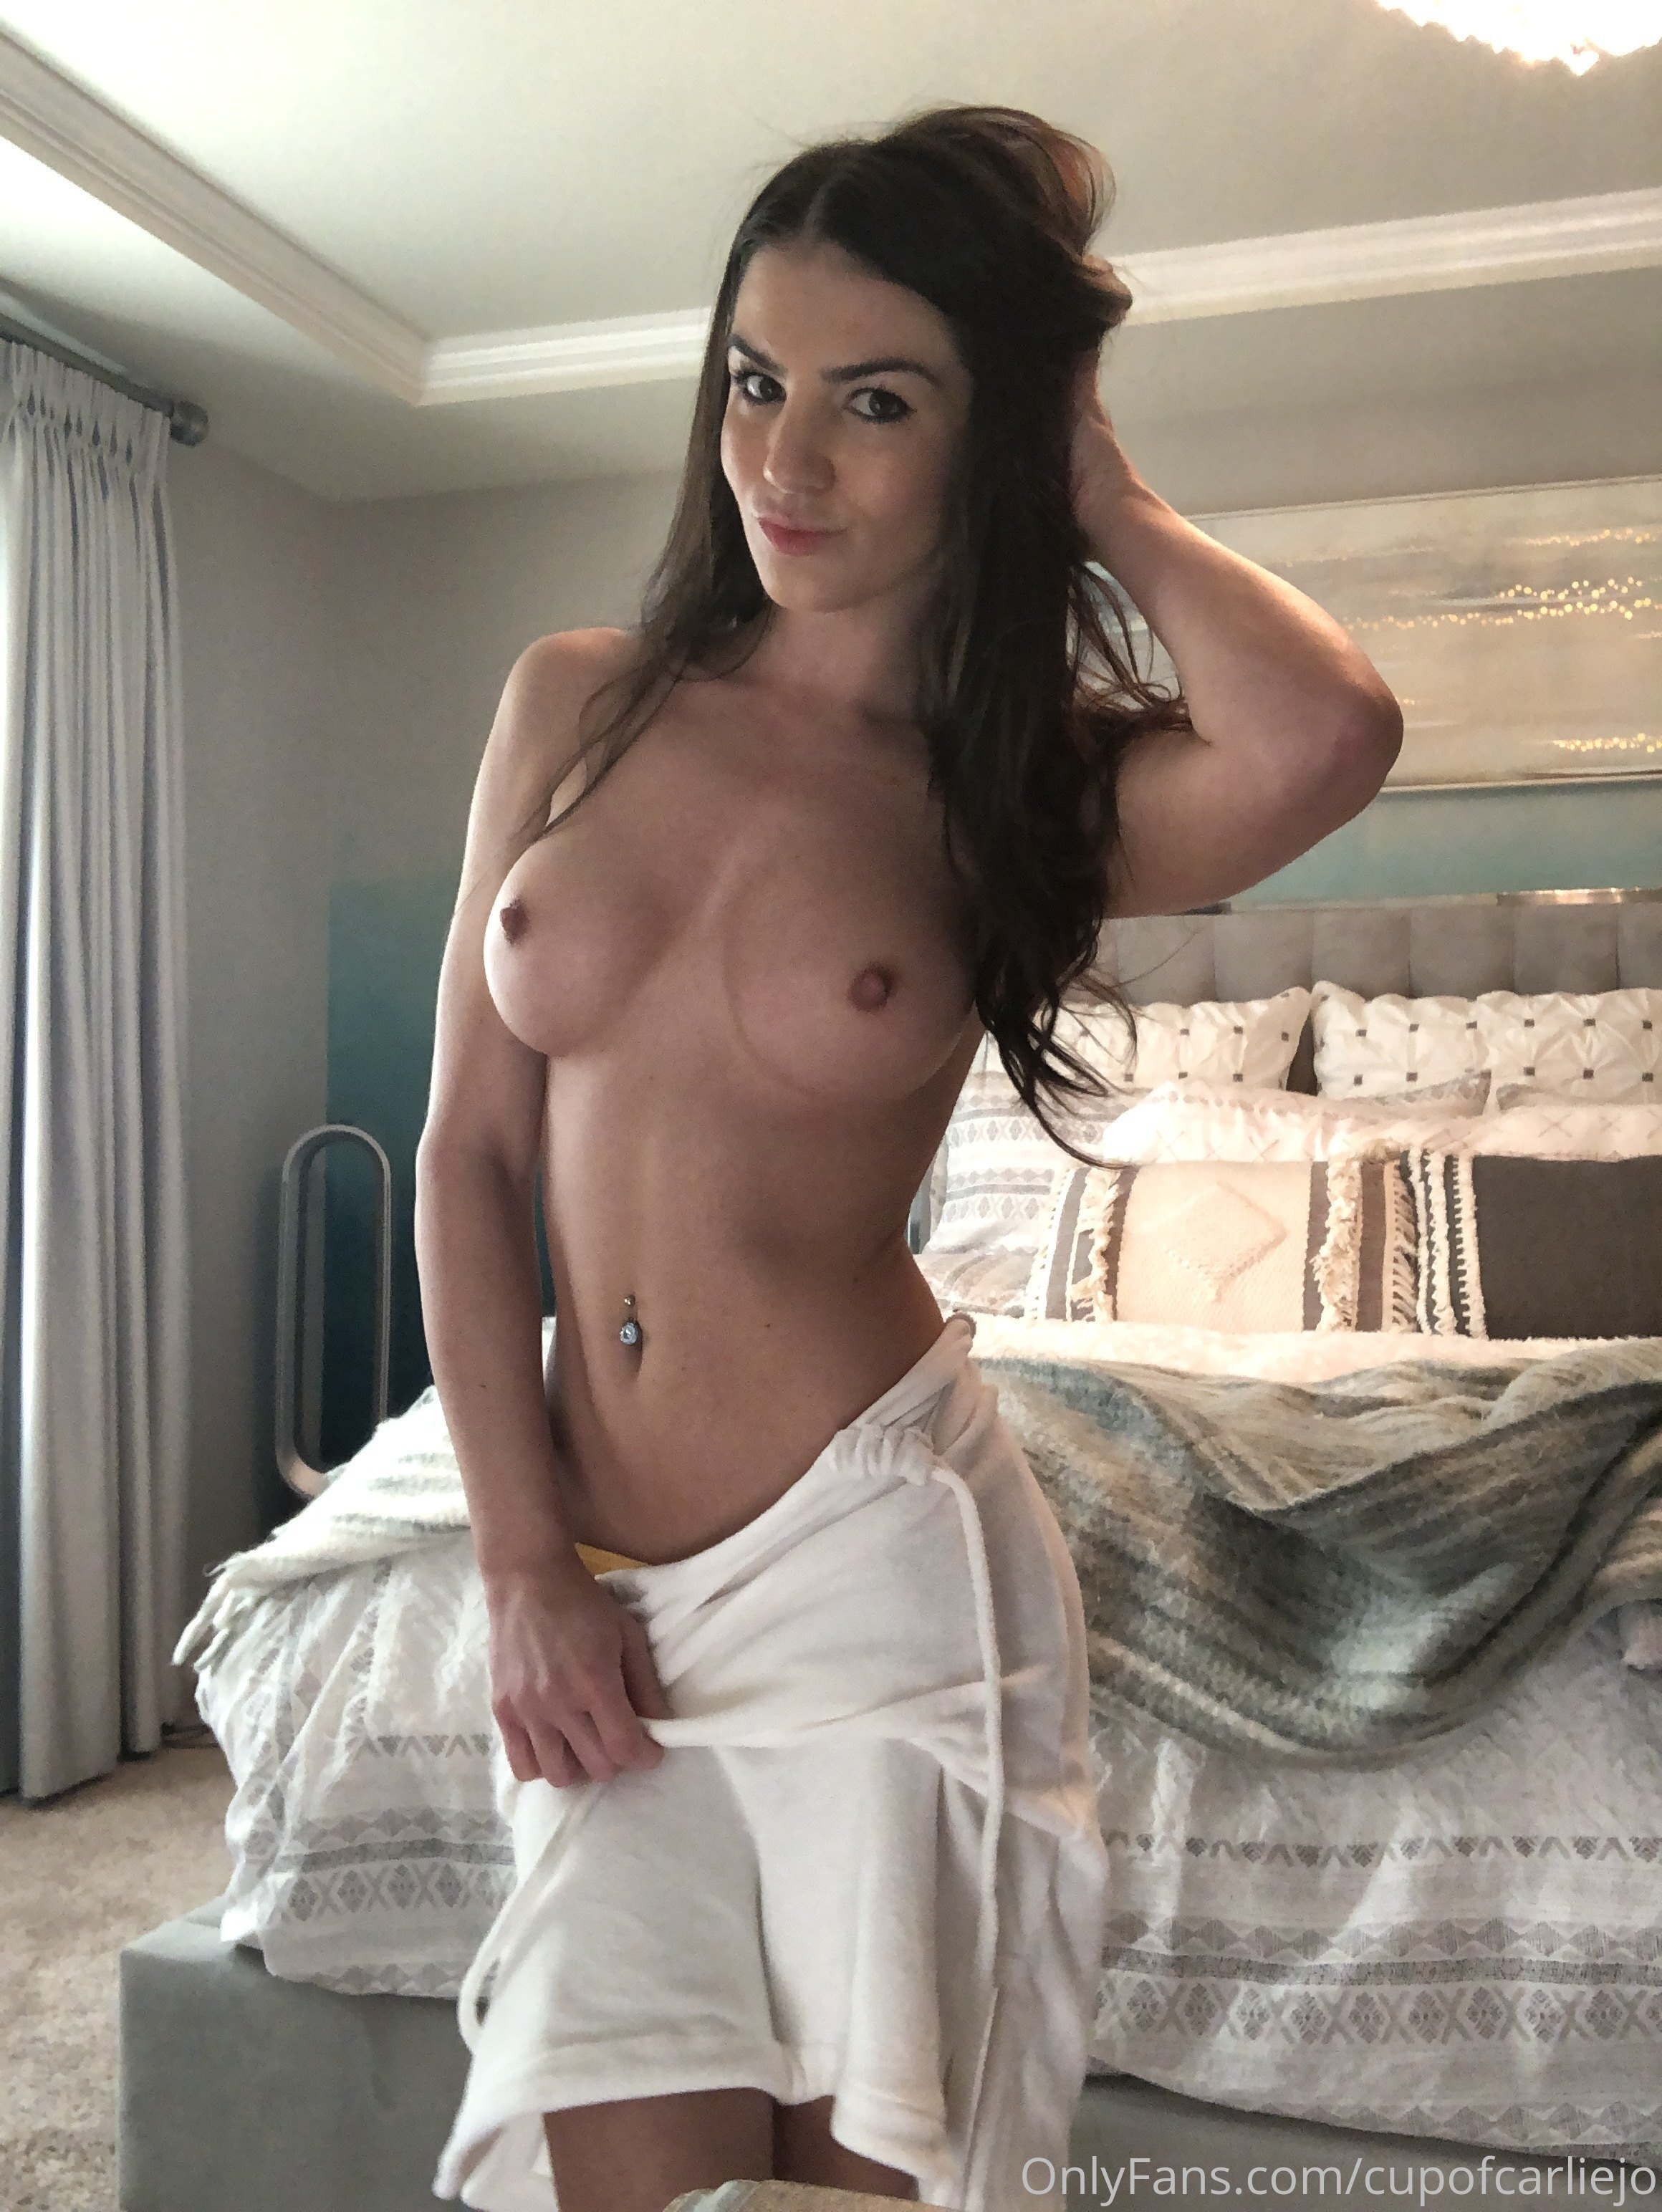 Carlie Jo Cupofcarliejo Onlyfans Nudes Leaks 23